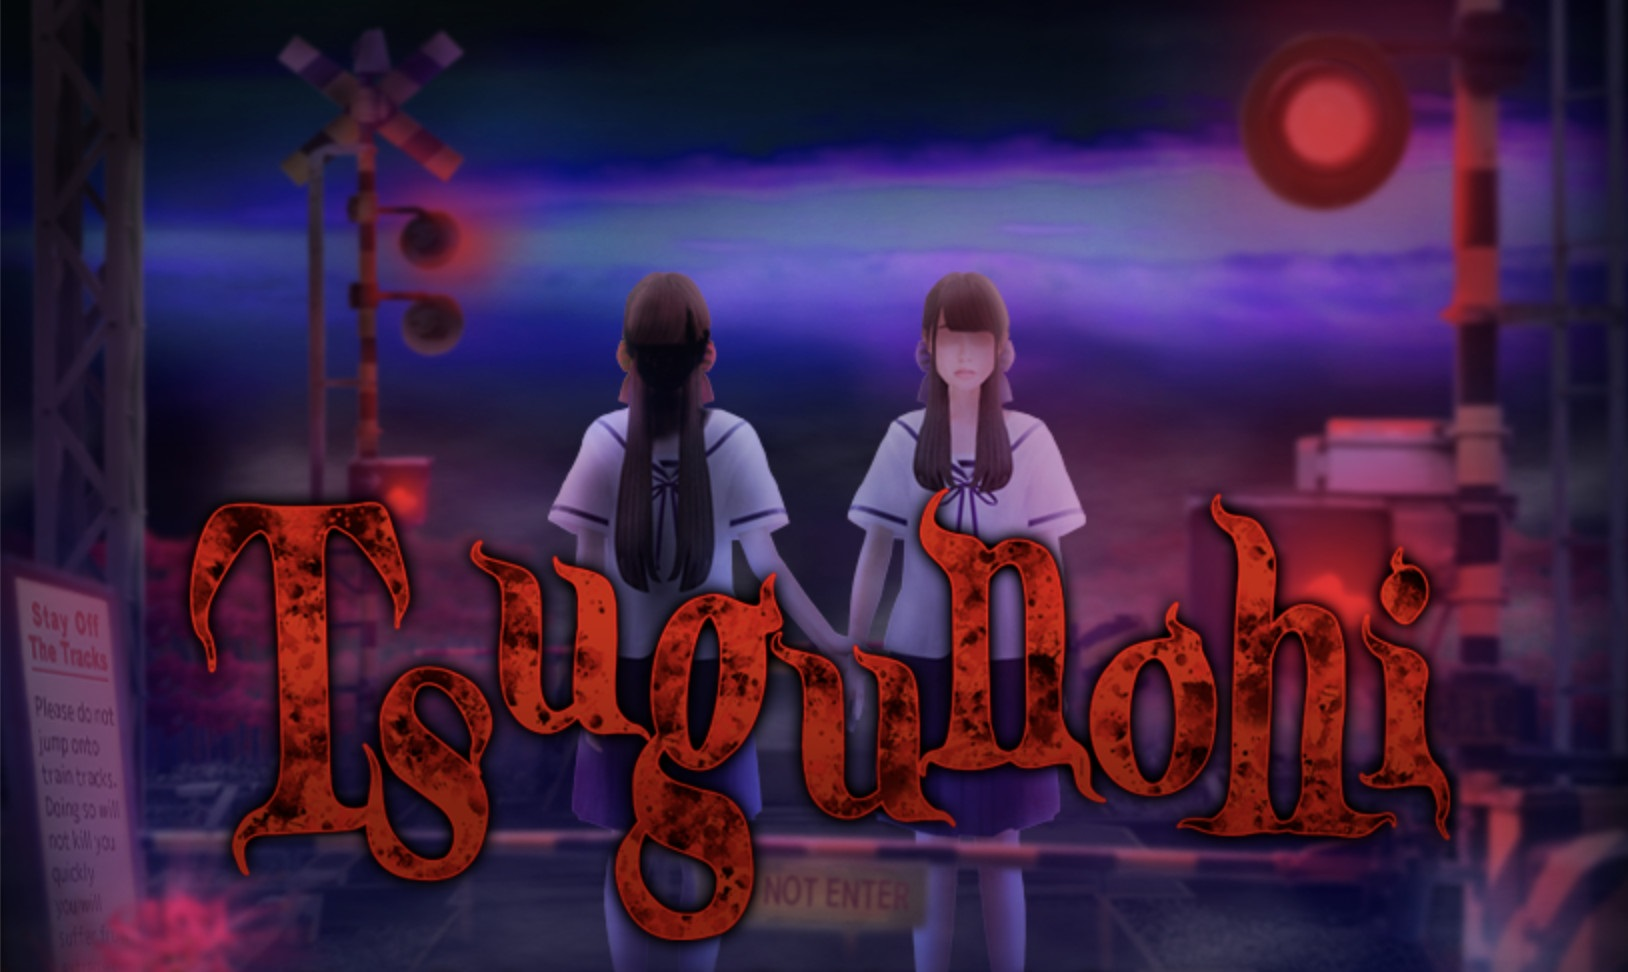 Tsugunohi Free Download